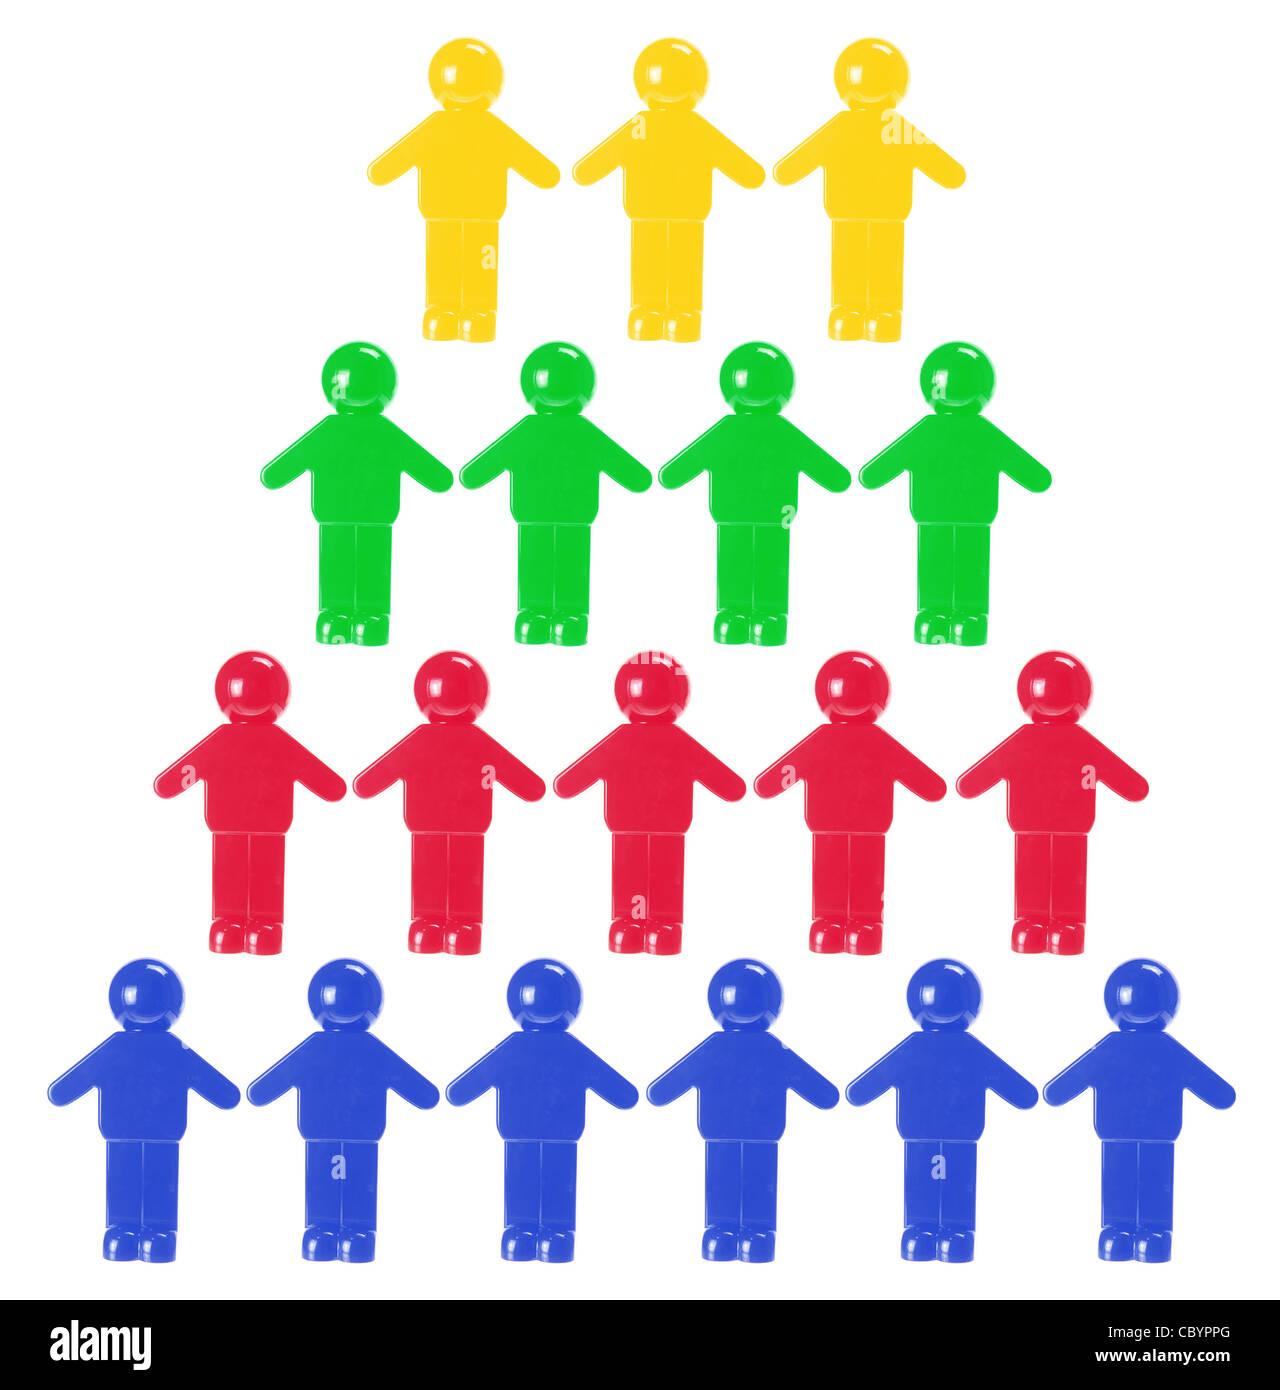 Concetto di lavoro di squadra in plastica con figure in miniatura Immagini Stock